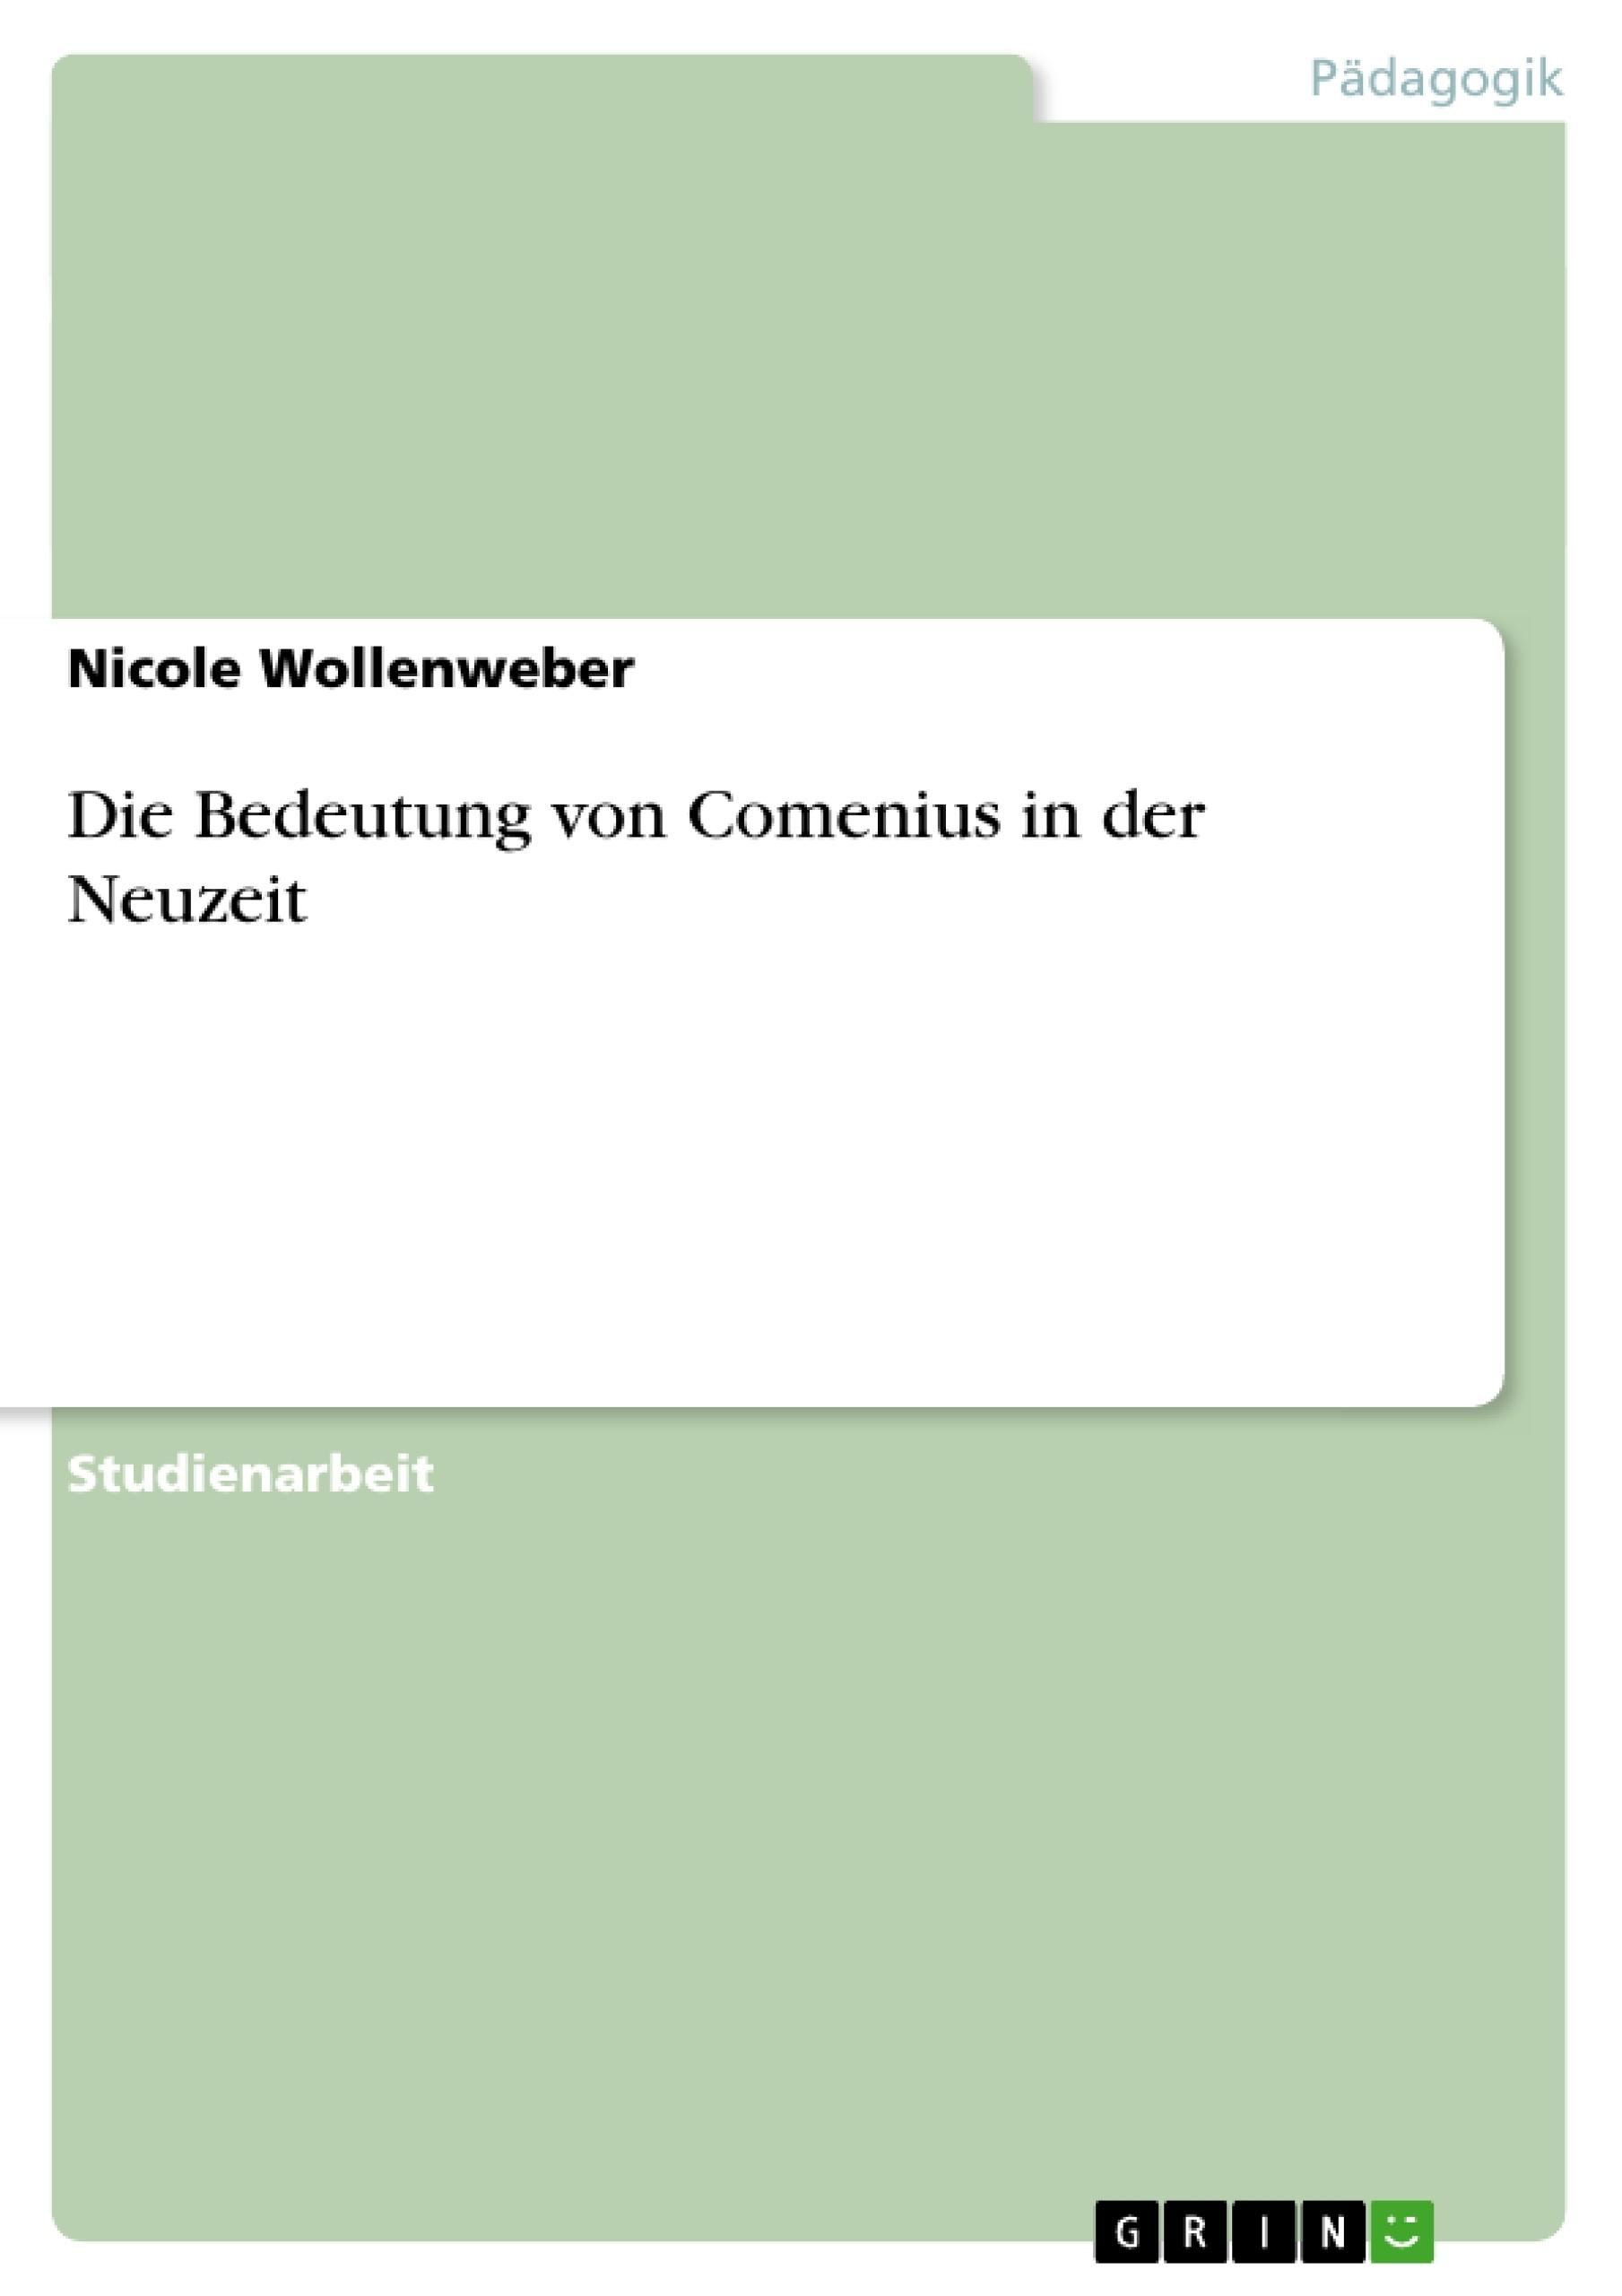 Titel: Die Bedeutung von Comenius in der Neuzeit